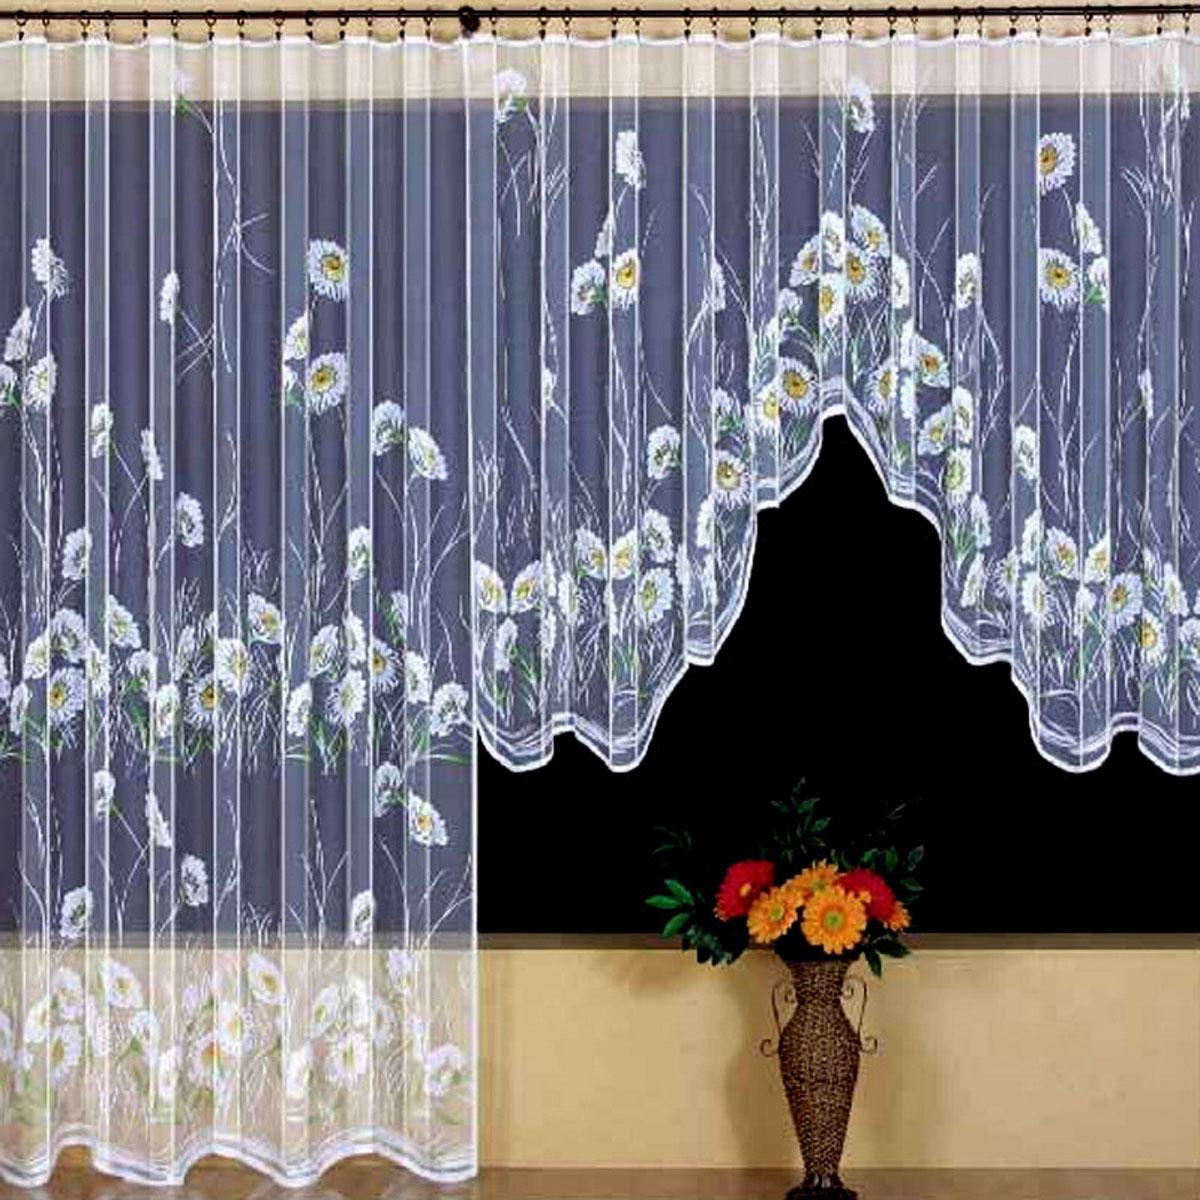 Гардина Wisan, цвет: белый, ширина 350 см, высота 160 см. 93819381вид крепления - под зажимы для шторРазмеры: ш.350* в.160